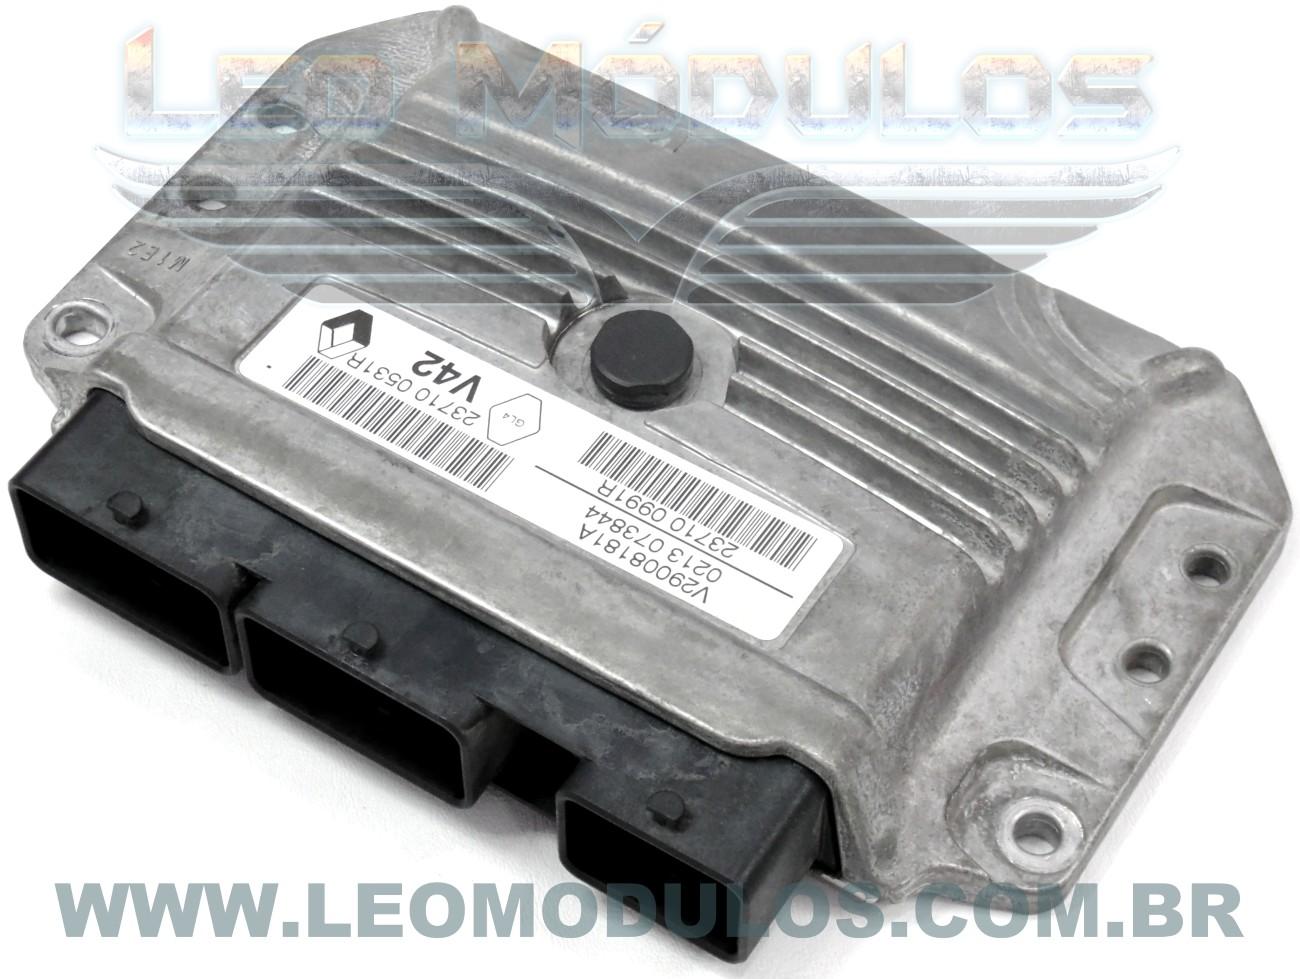 Módulo de injeção sirius 32 - V29008181A - 8200059086 - Renault Logan Sandero 1.6 Flex - V29008181A - Leo Módulos